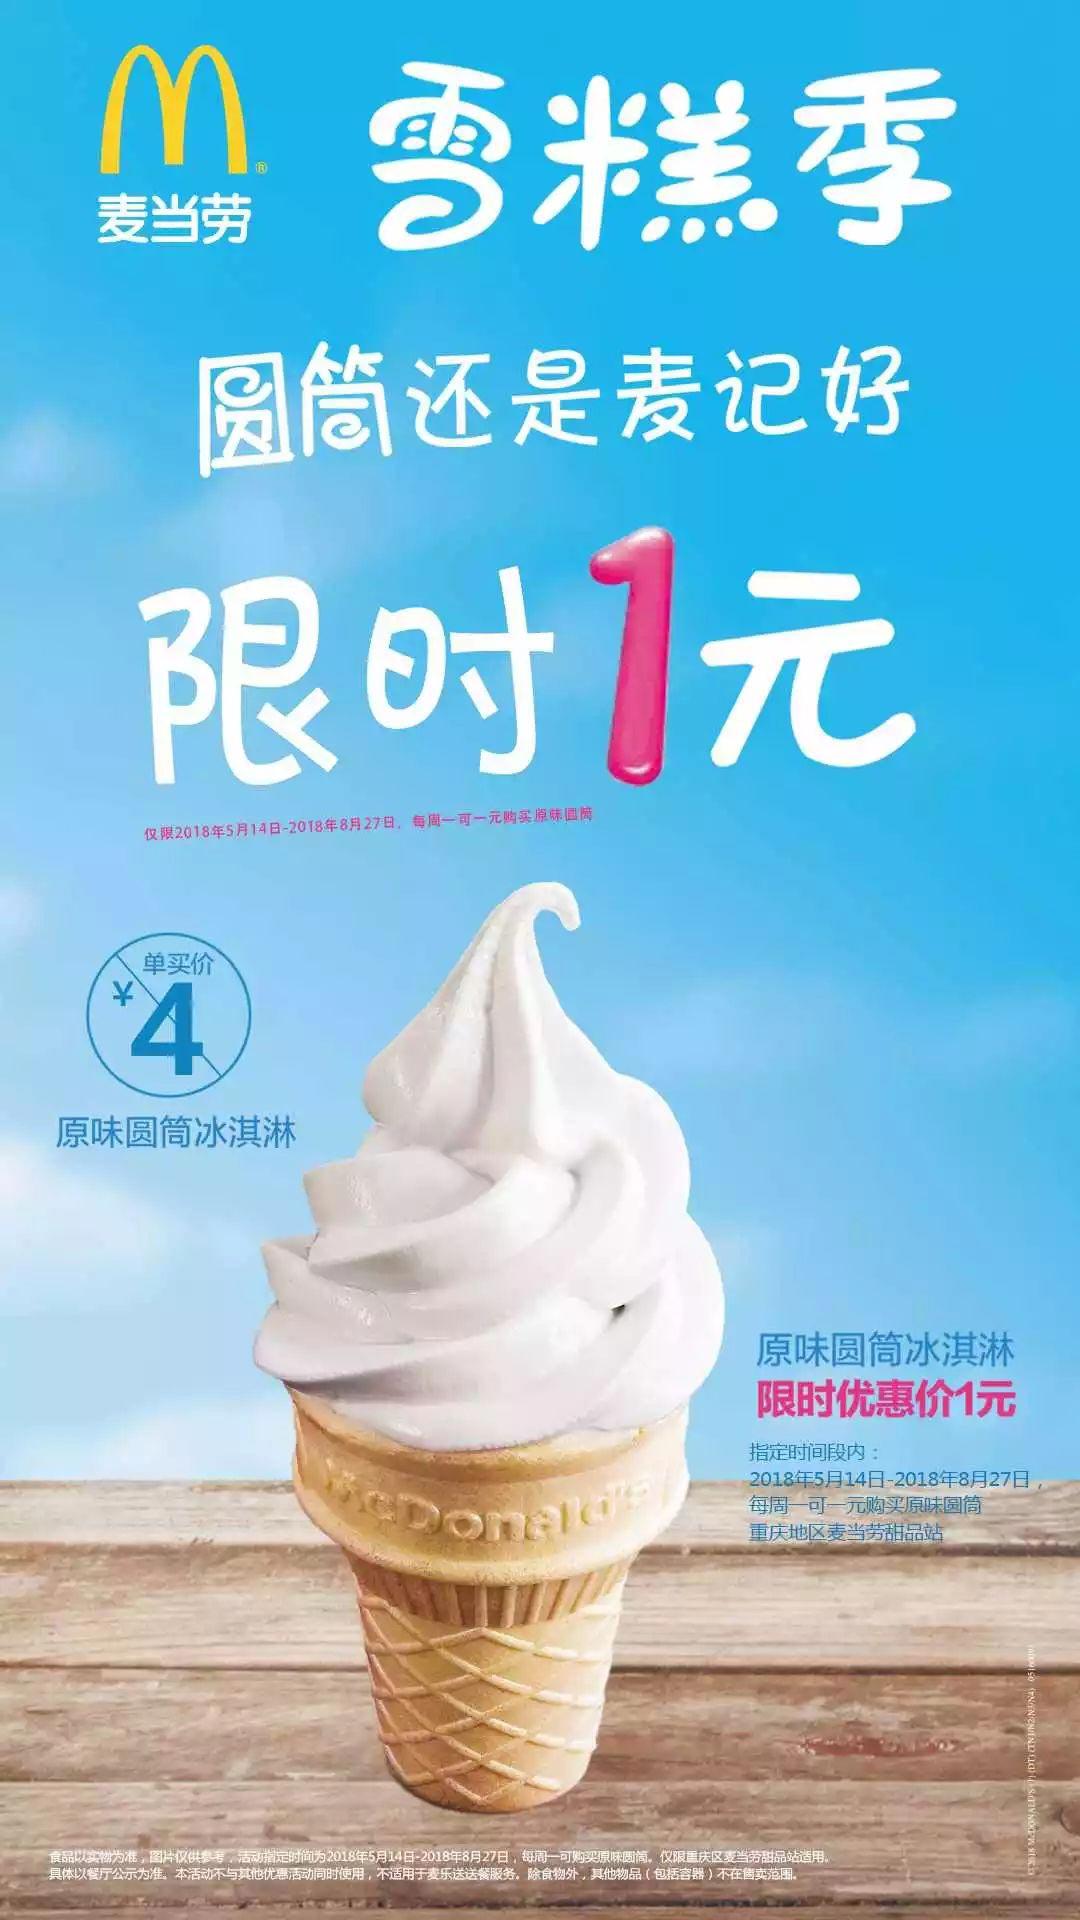 麦当劳重庆雪糕季,每周一甜品站圆筒冰冰淇淋限时1元